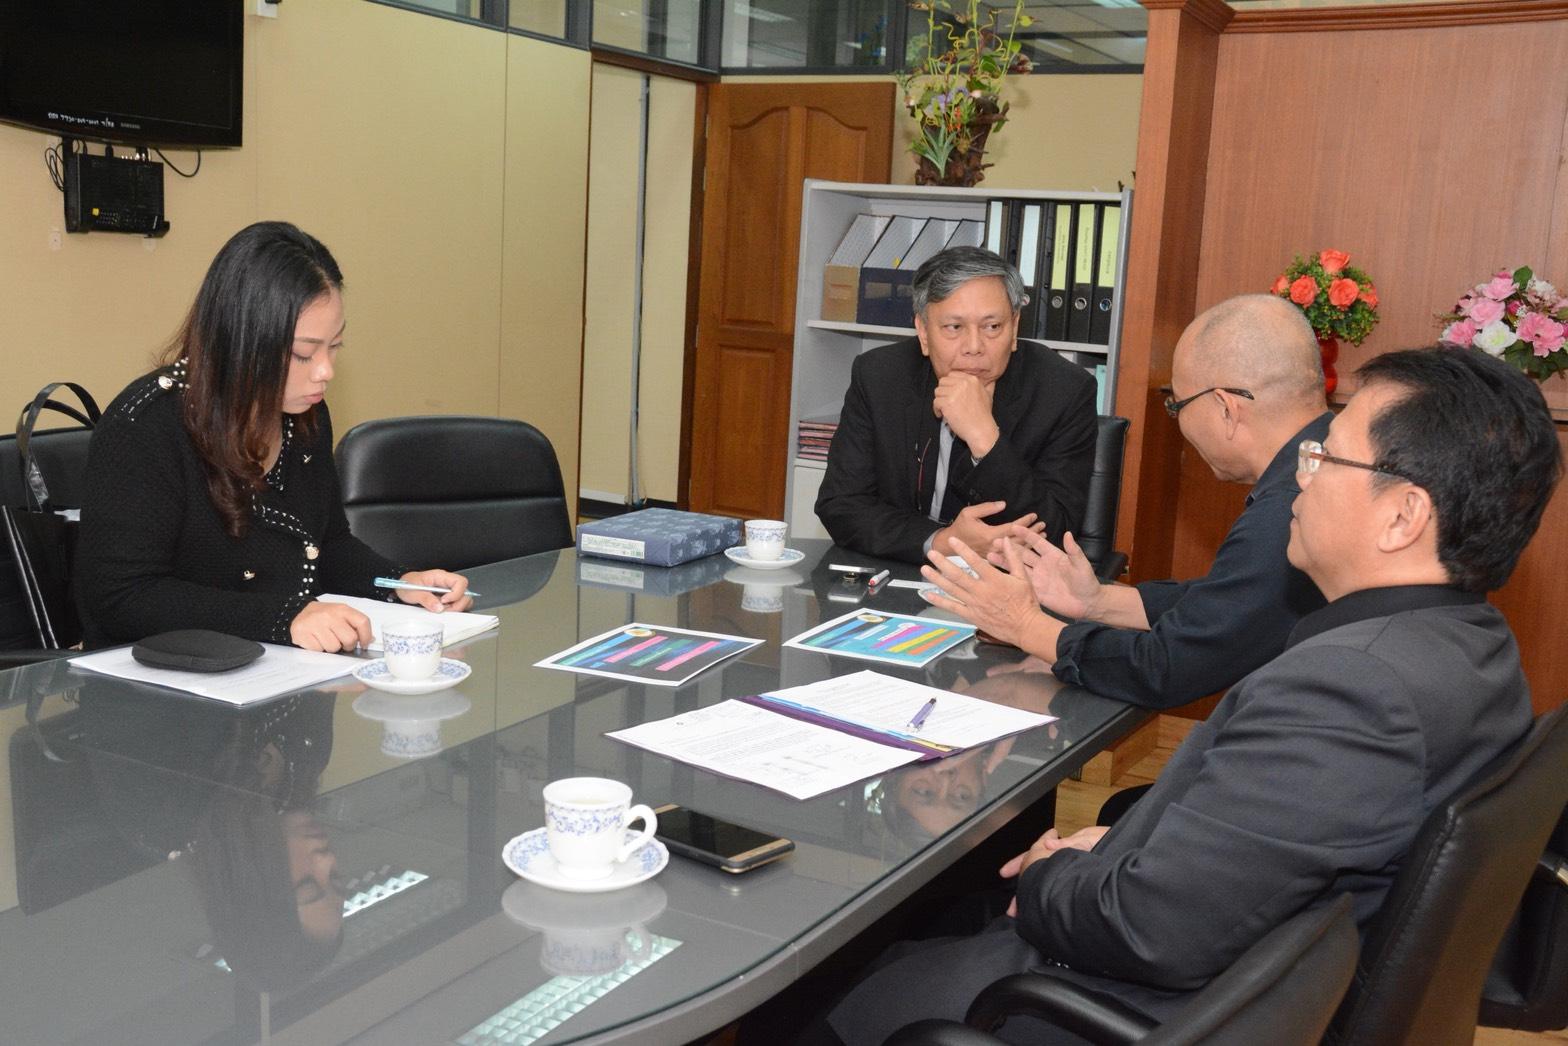 หารือข้อราชการเกี่ยวกับการสัมมนาผู้บริหารระดับสูงของบริษัทญี่ปุ่นที่มาลงทุนในประเทศไทย